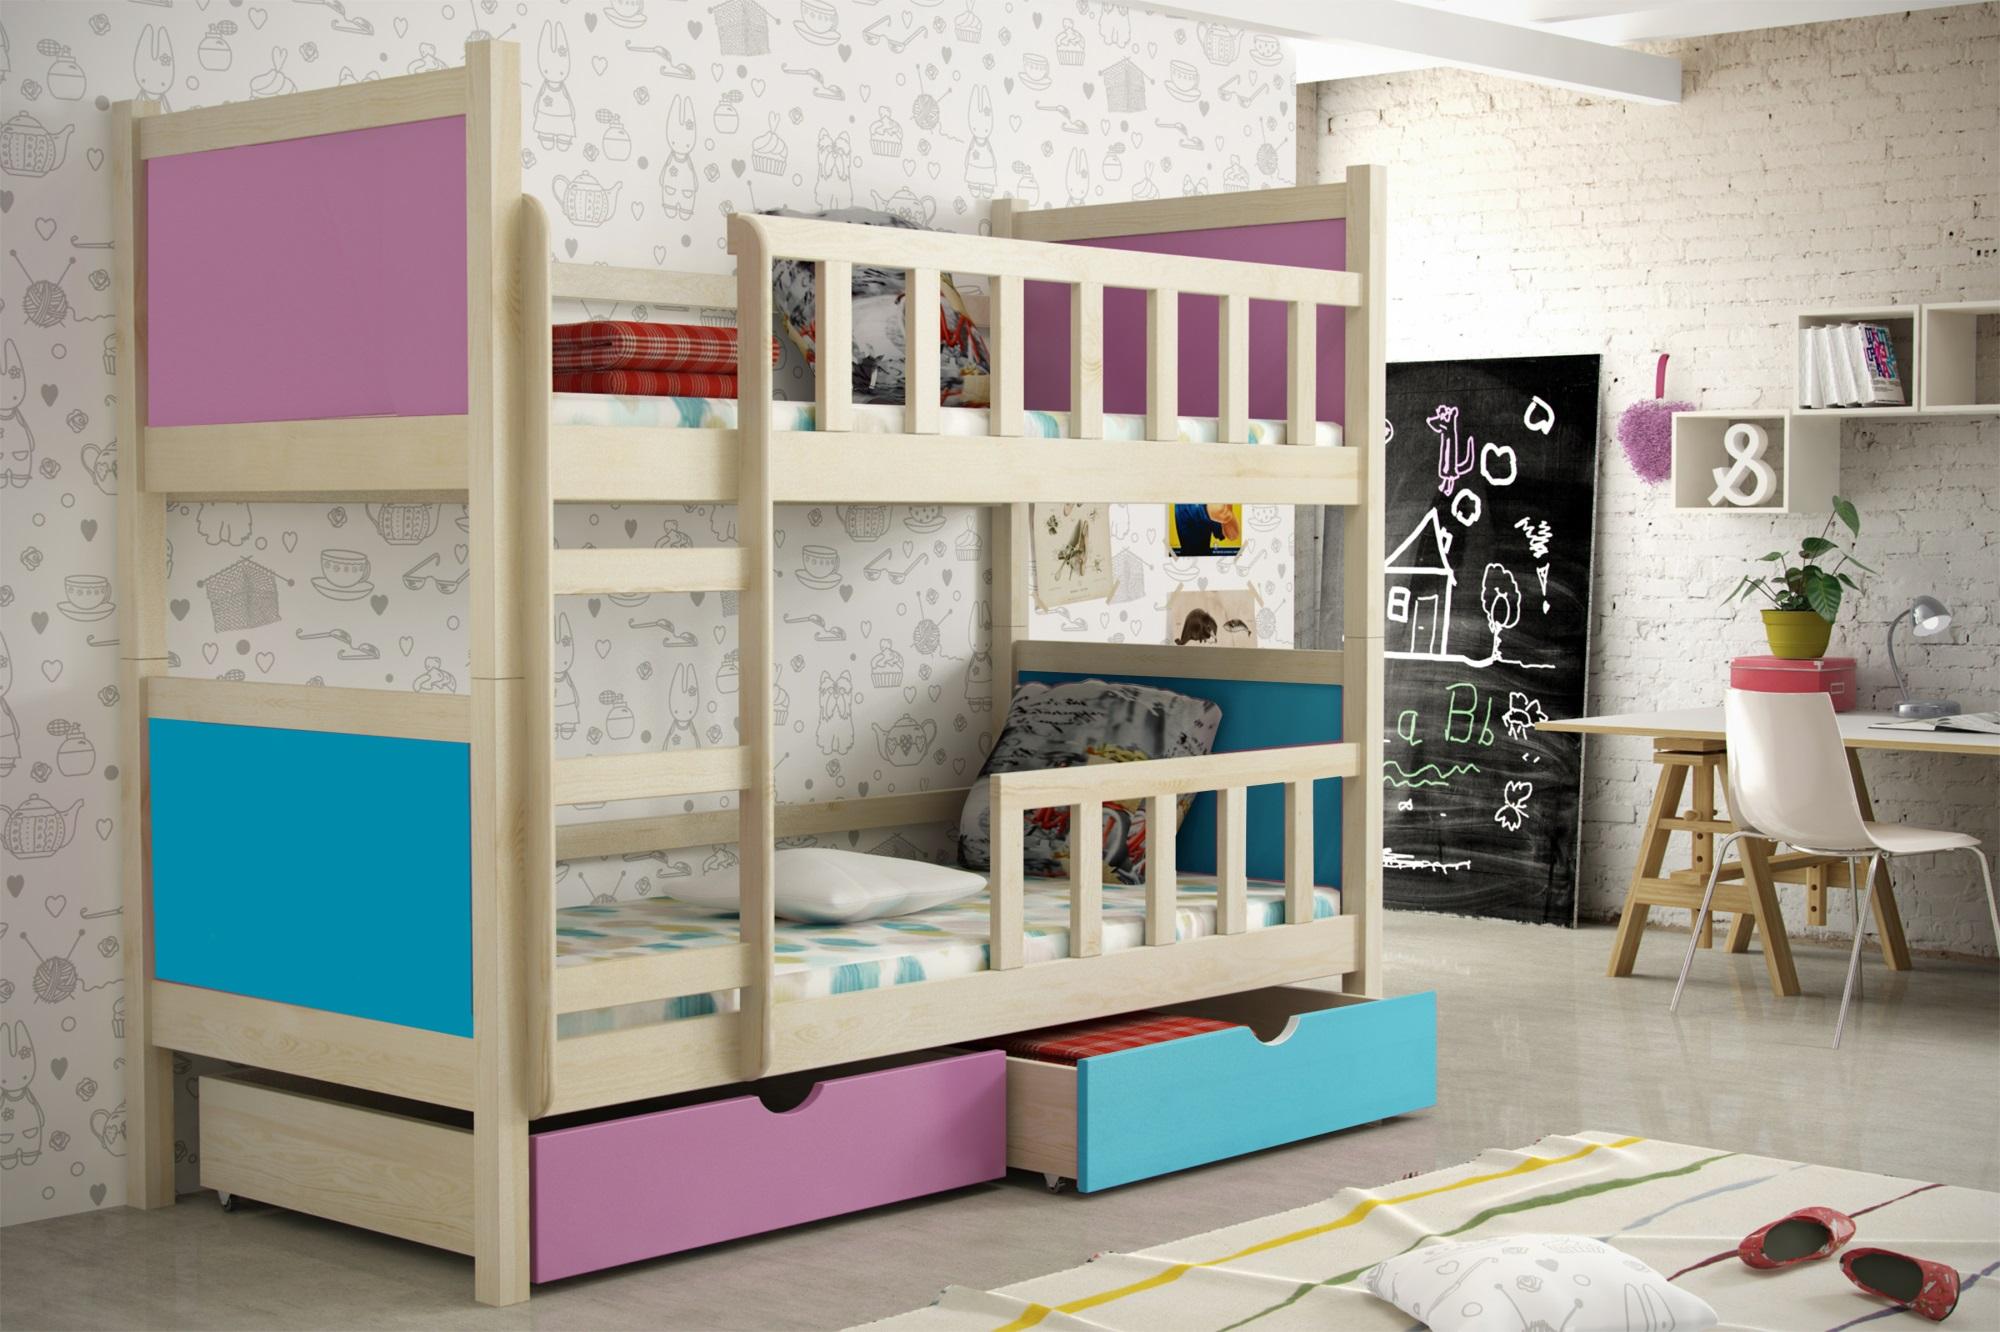 Etagenbett Für Zwei : Etagenbett stockbett k n kopf und fußteil gerade buche